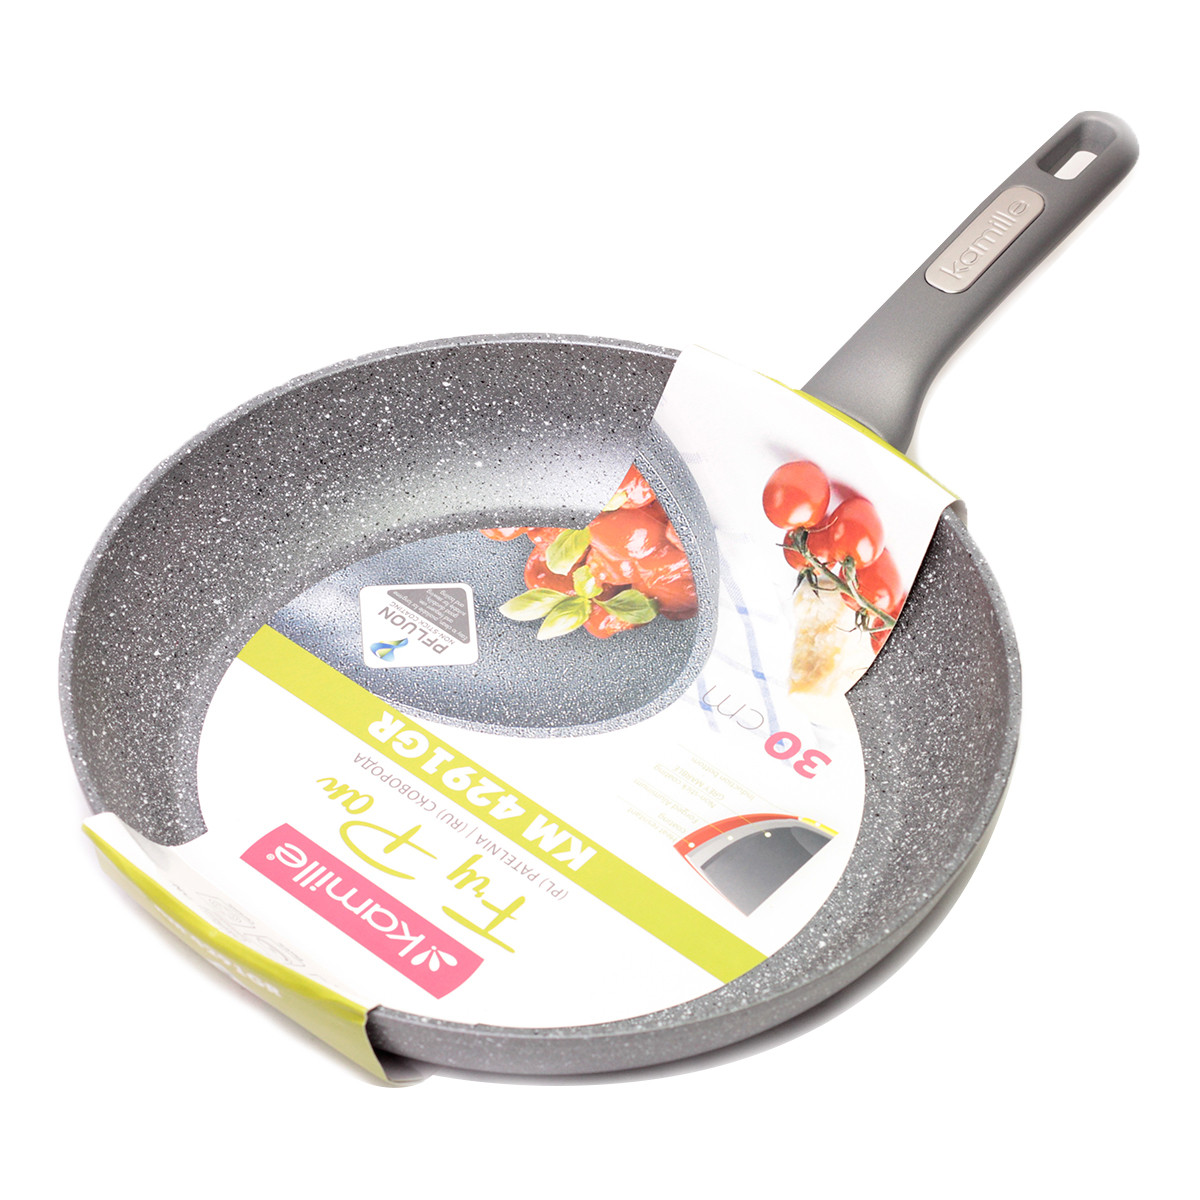 Сковорода Kamille 30 см с гранитным антипригарным покрытием, большая сковорода без крышки